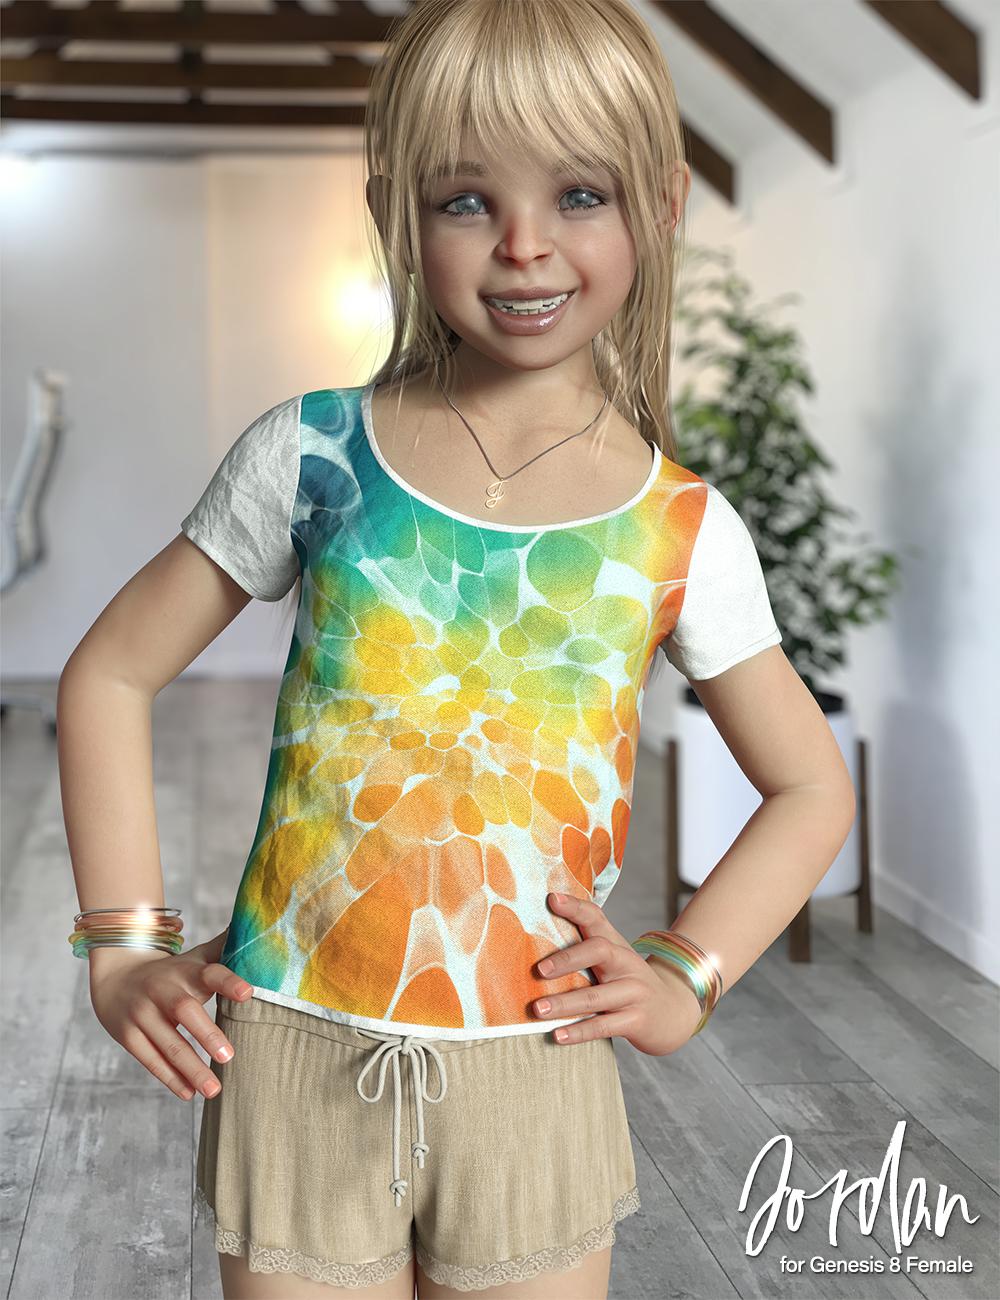 Jordan Bundle for Genesis 8 Females by: 3D Universe, 3D Models by Daz 3D